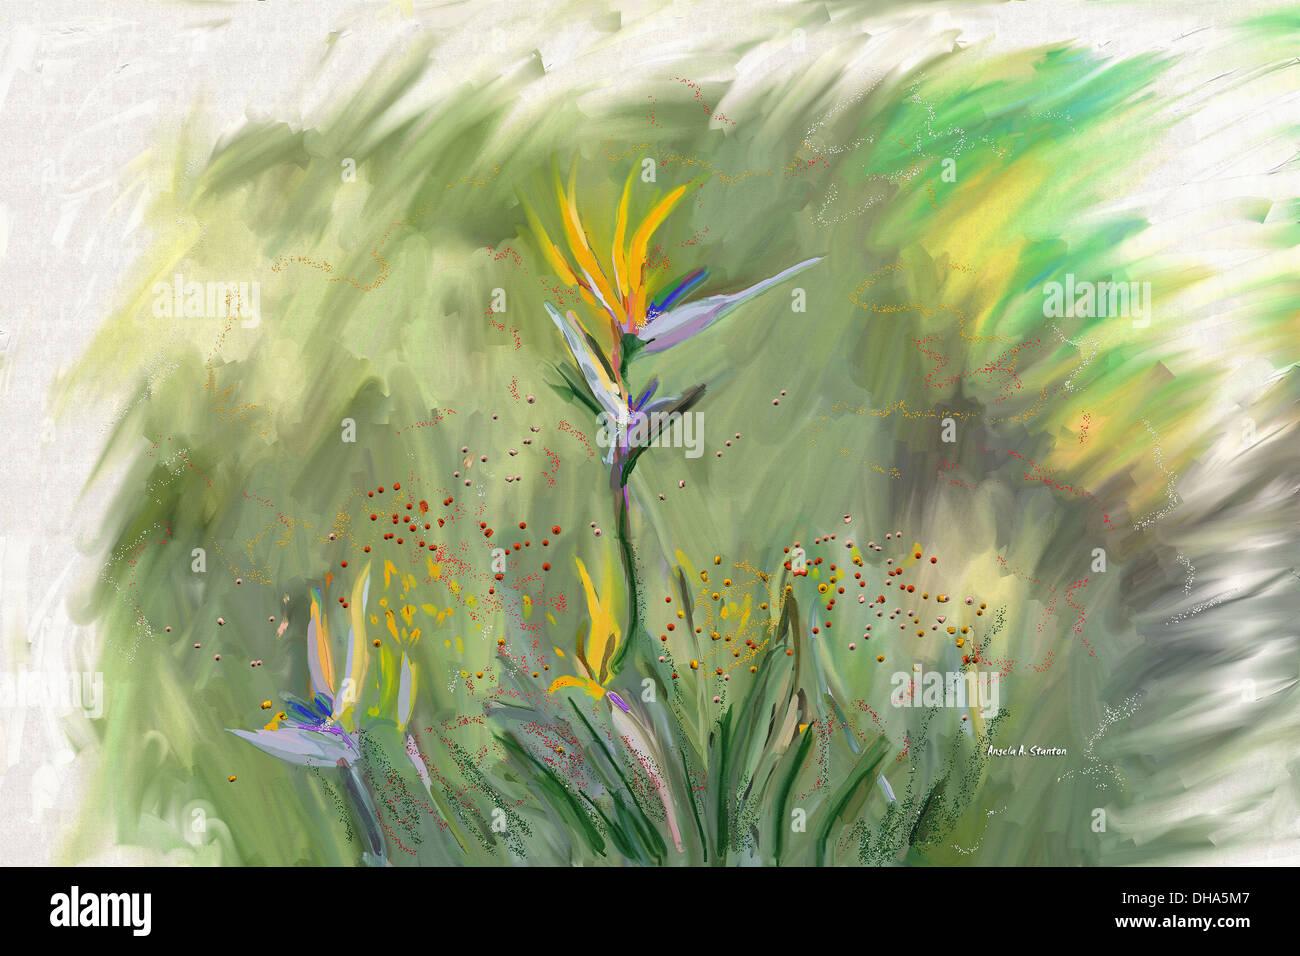 Computer generierte Bild von Blumen Stockbild